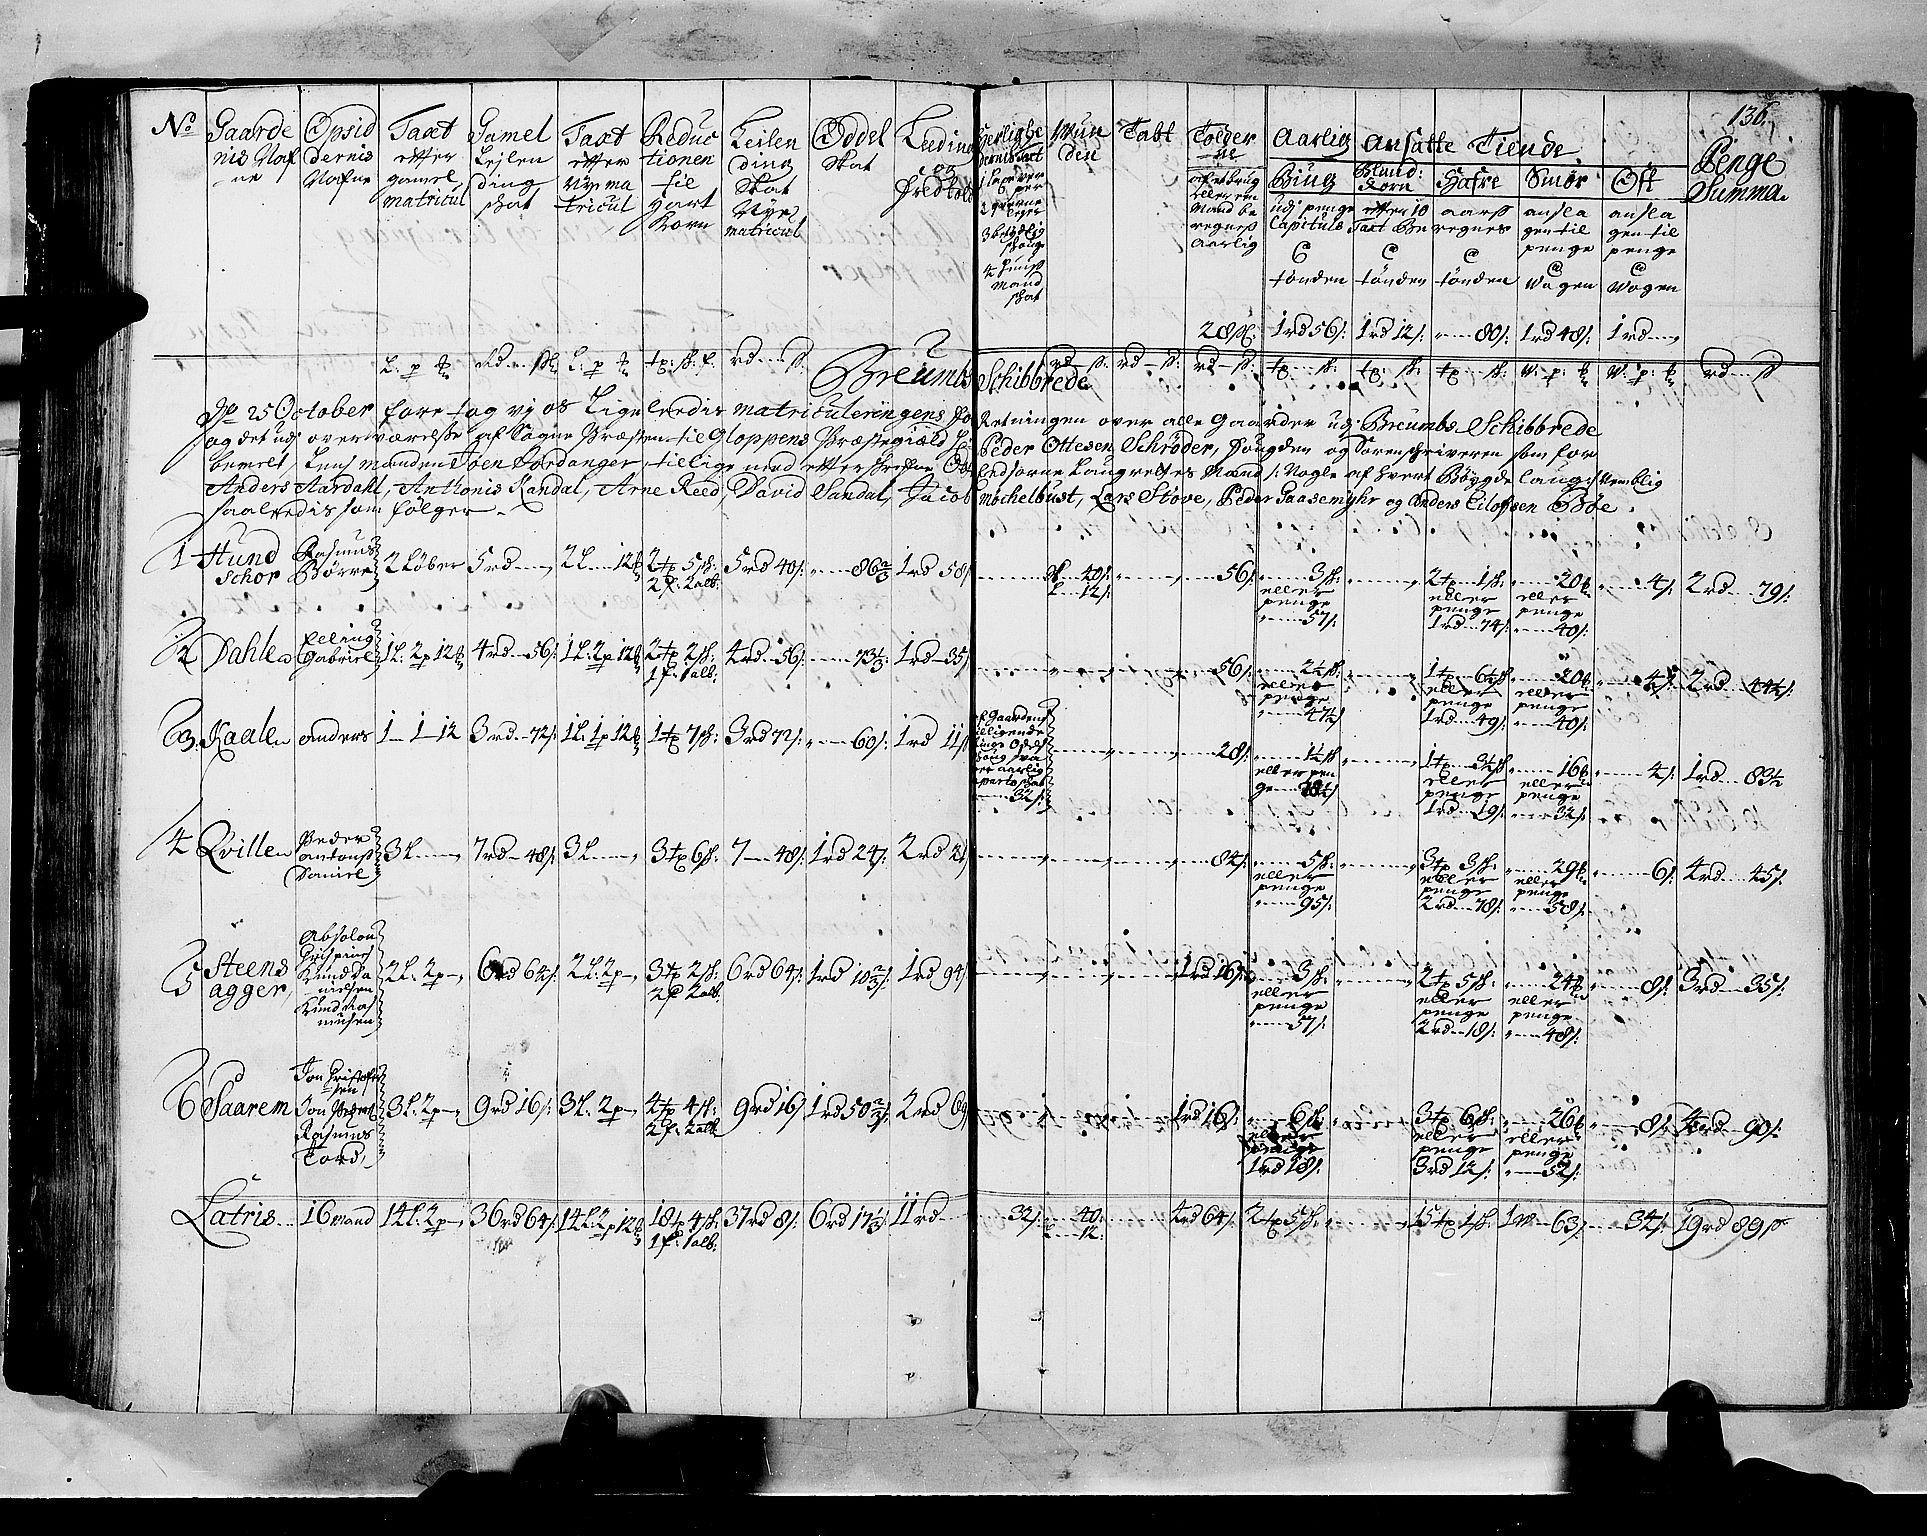 RA, Rentekammeret inntil 1814, Realistisk ordnet avdeling, N/Nb/Nbf/L0147: Sunnfjord og Nordfjord matrikkelprotokoll, 1723, s. 135b-136a